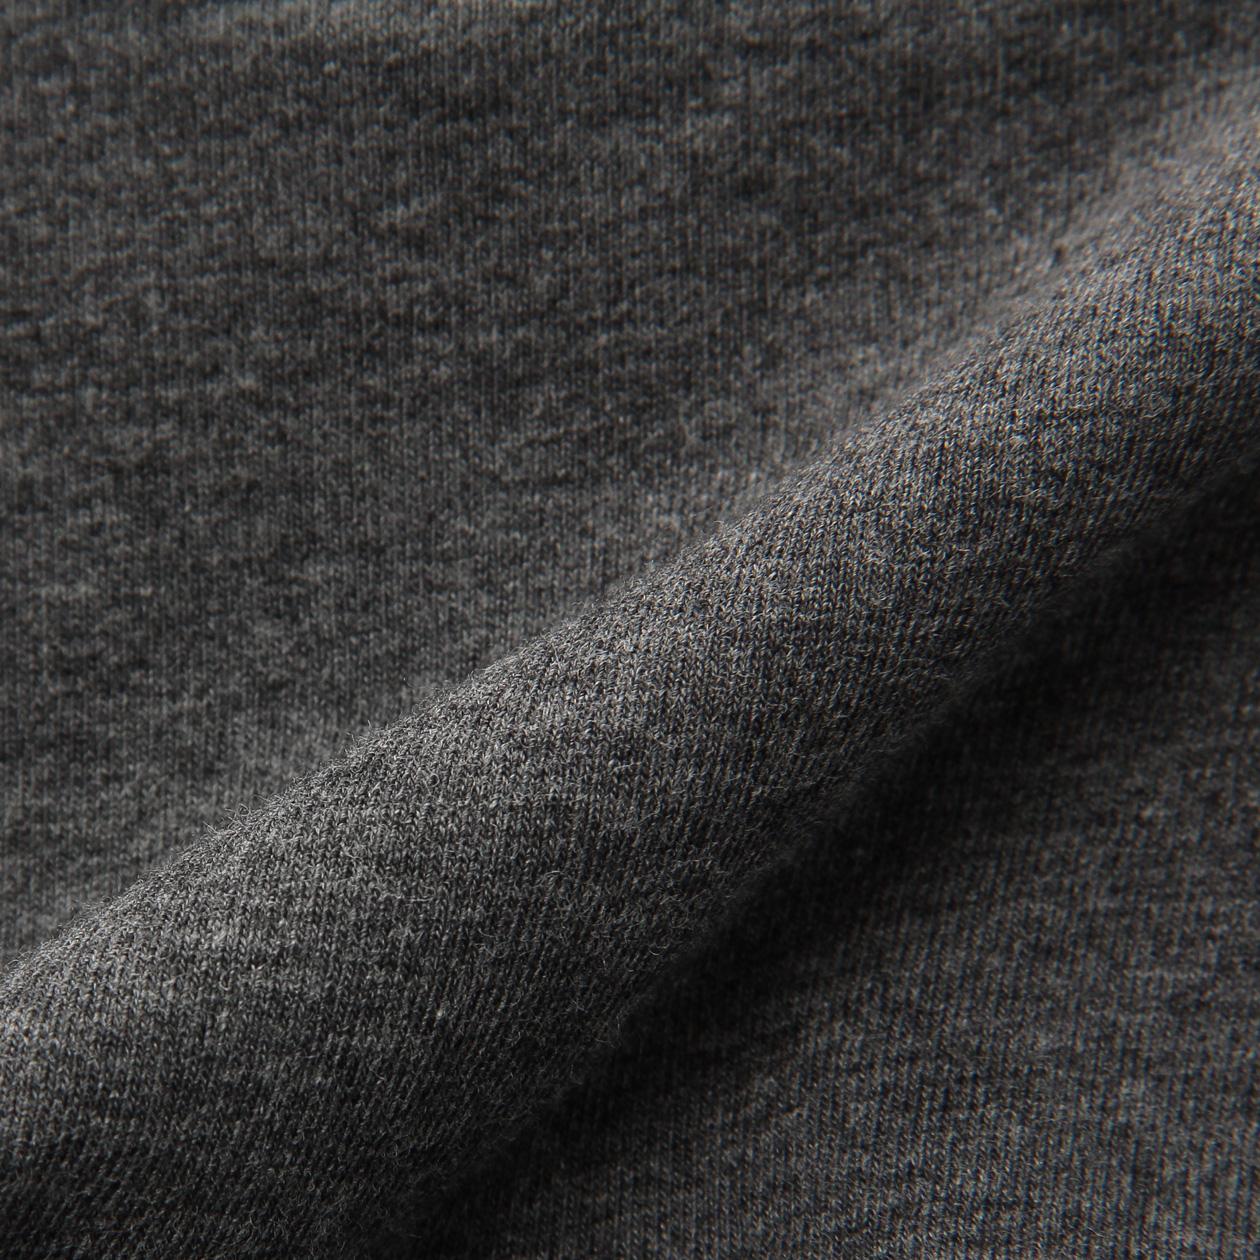 【無印良品】オーガニックコットンリブ編み脇に縫い目のないブラジャー_4